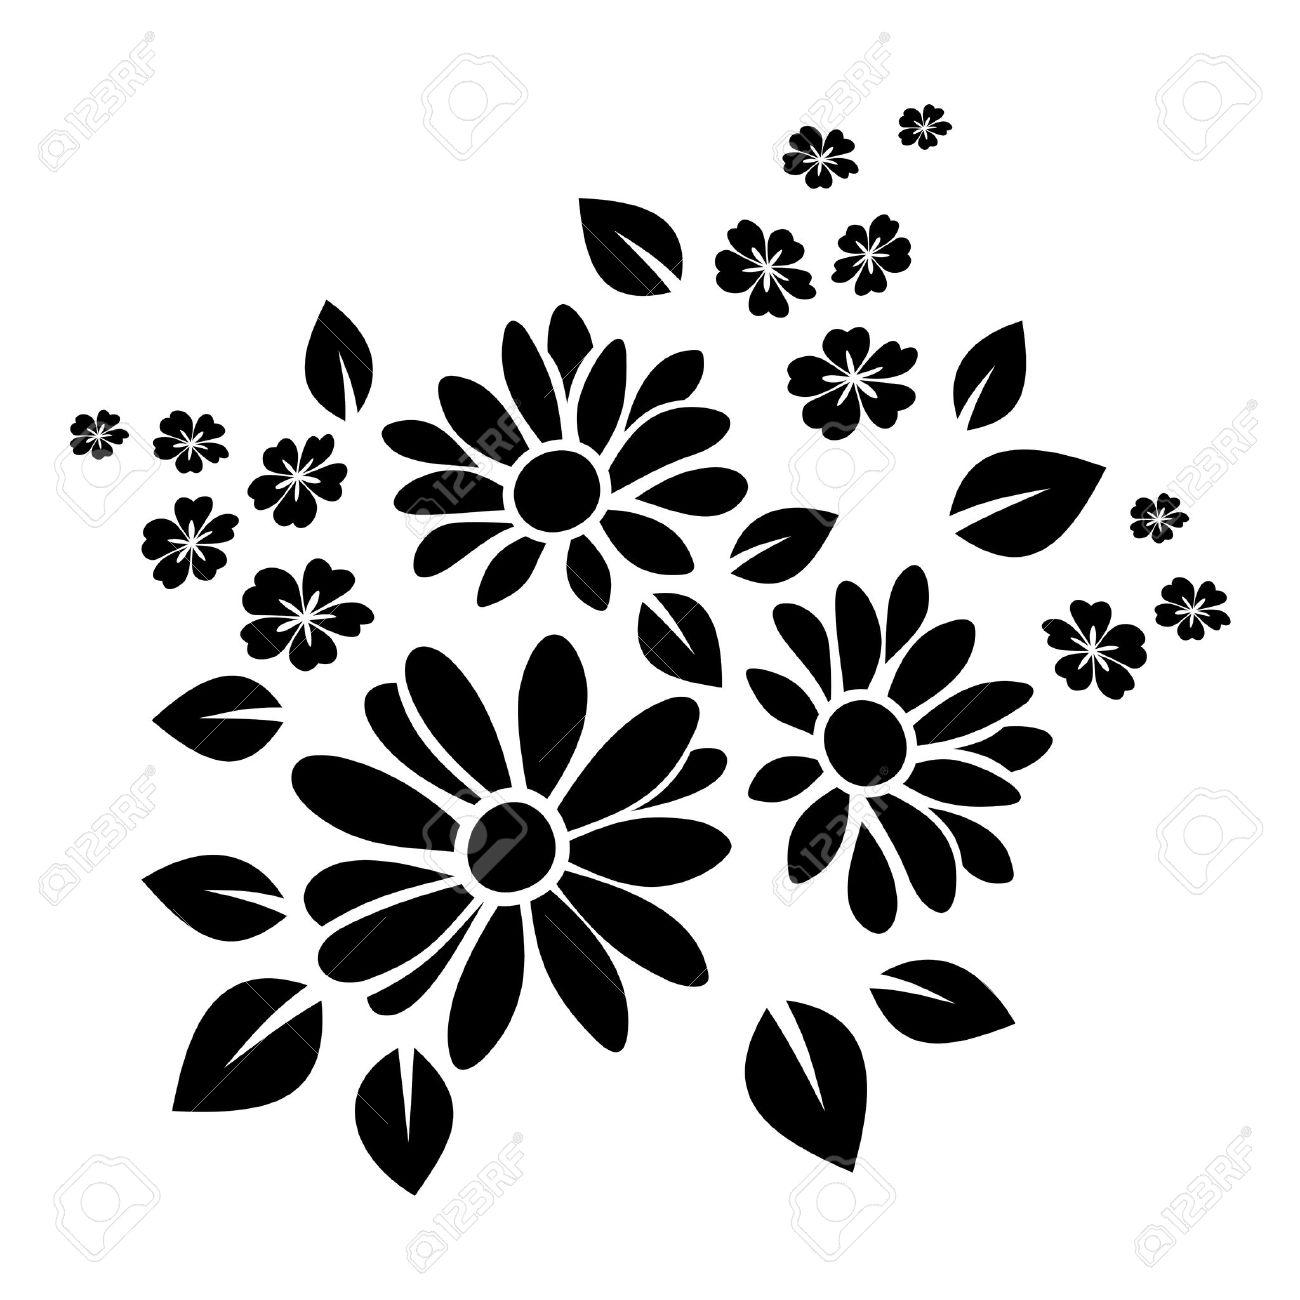 pochoir fleur Silhouette noire de fleurs Vector illustration Illustration